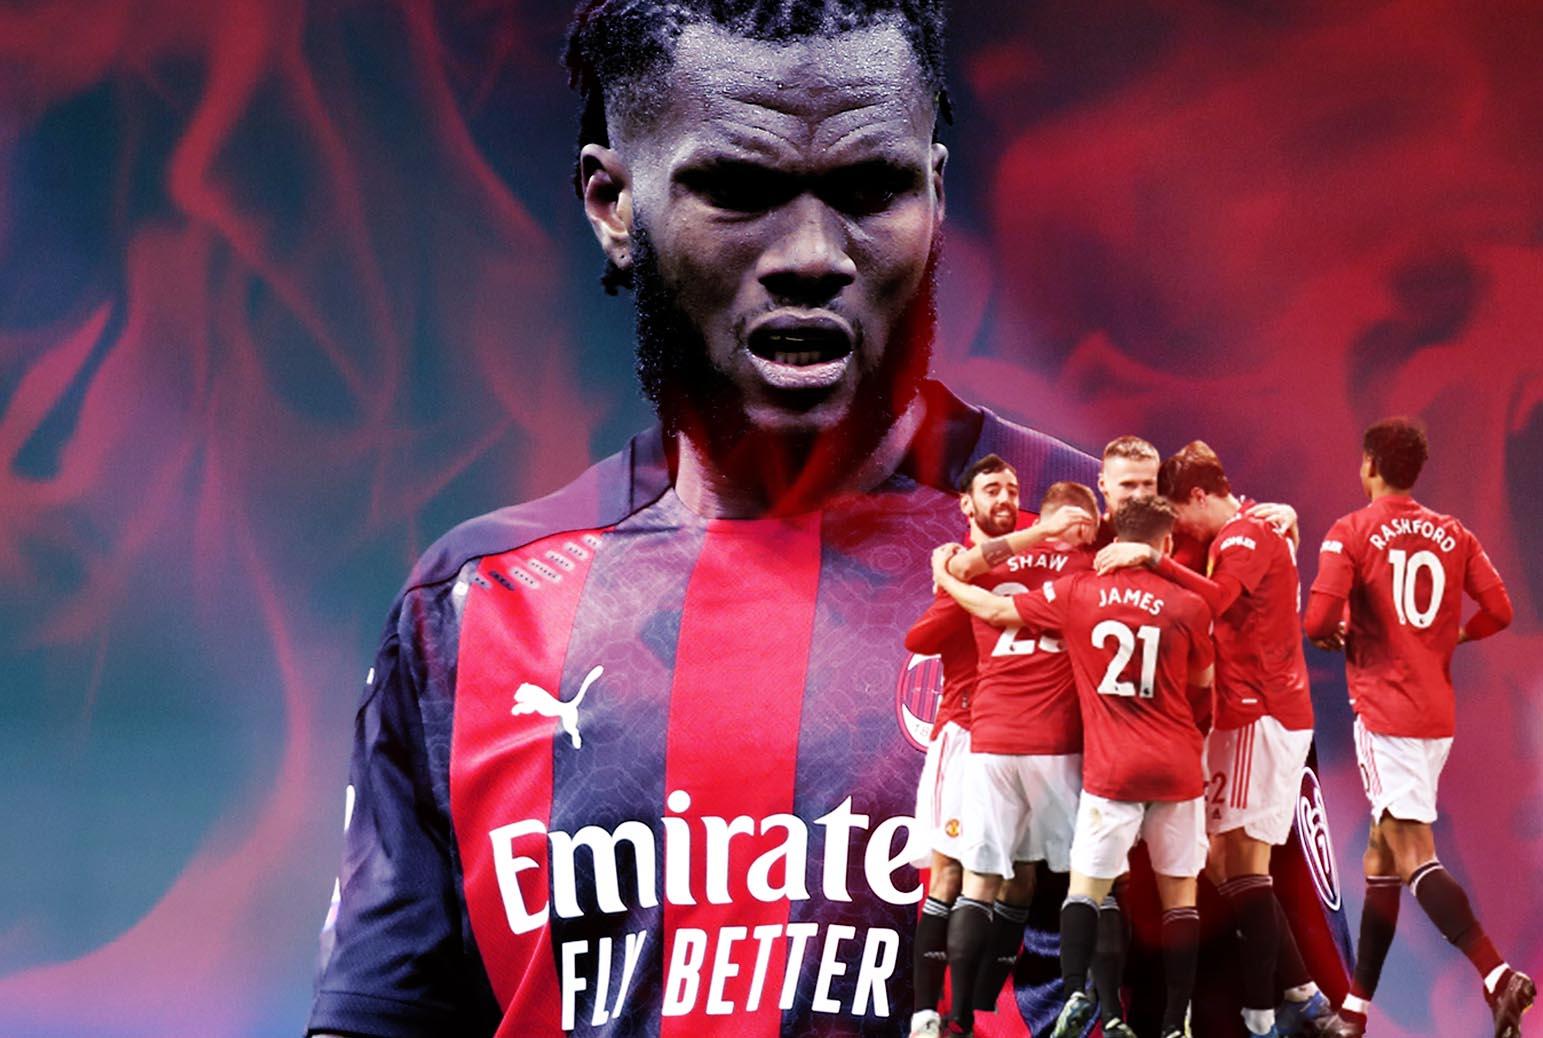 Milan-Manchester United, formazioni, promo e diretta tv